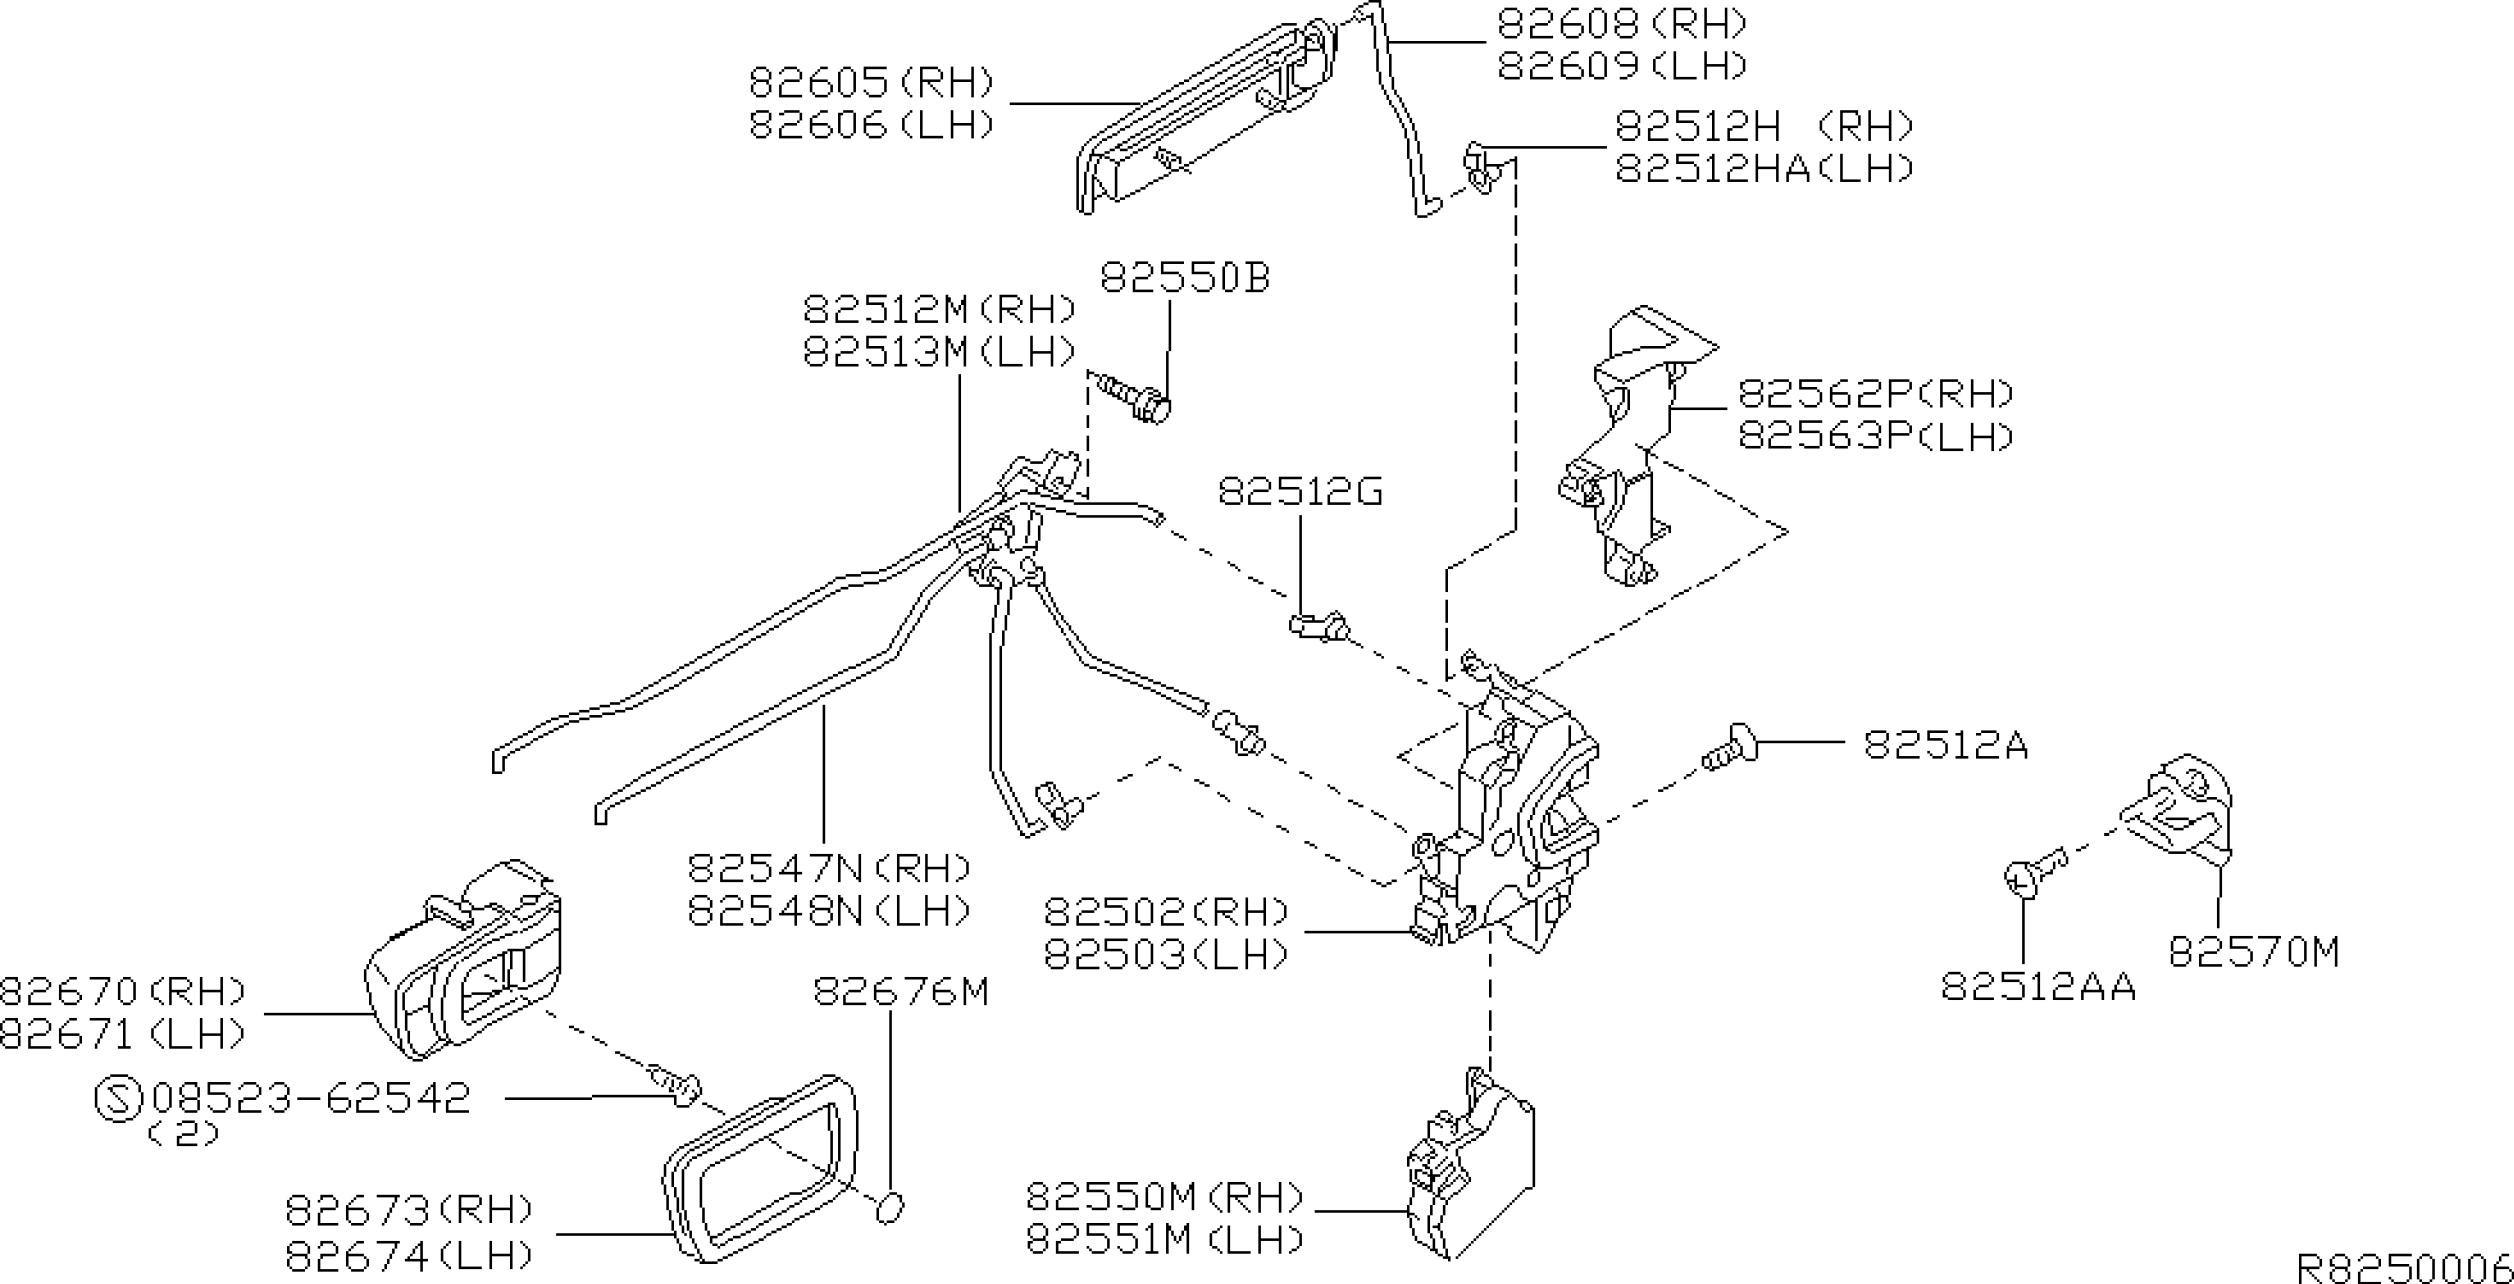 2000 Nissan Pathfinder Engine Diagram 2006 Nissan Frontier Engine Diagram 2003 Nissan Xterra Oem Parts Of 2000 Nissan Pathfinder Engine Diagram